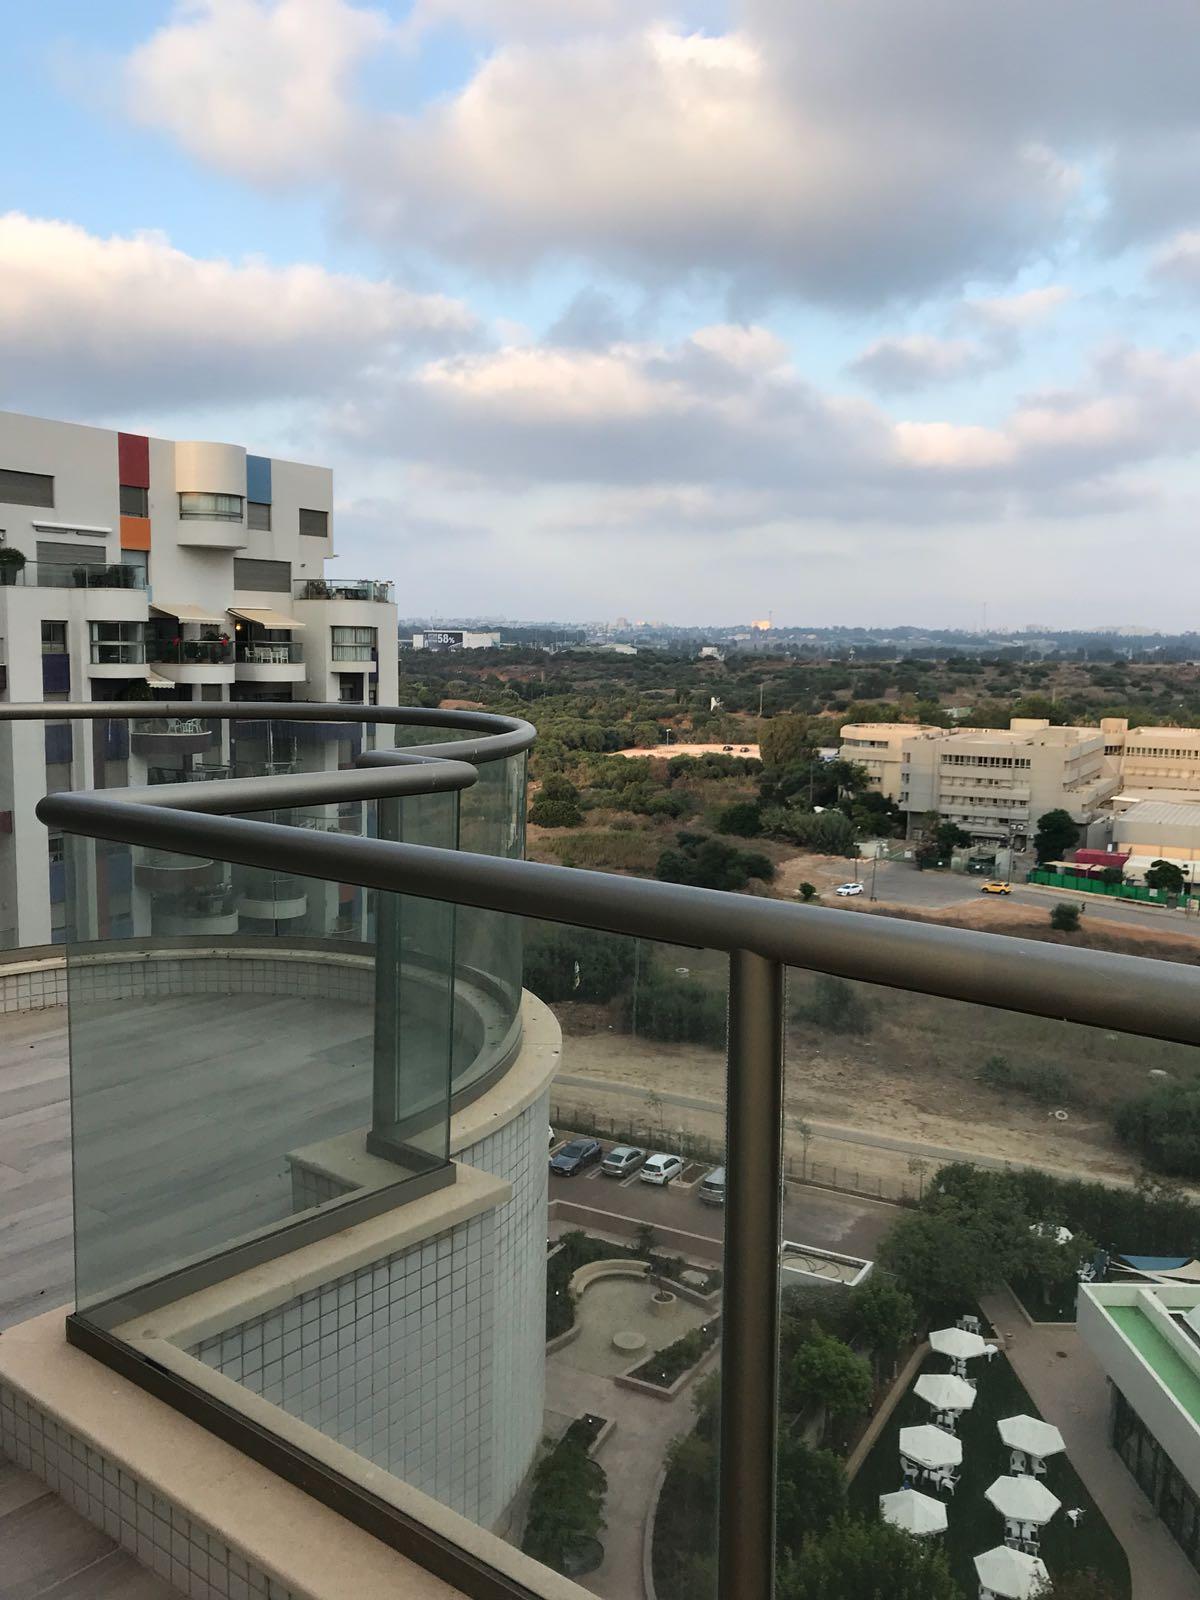 דופלקס להשכרה 5 חדרים 17,000₪ בחודש, תל אביב